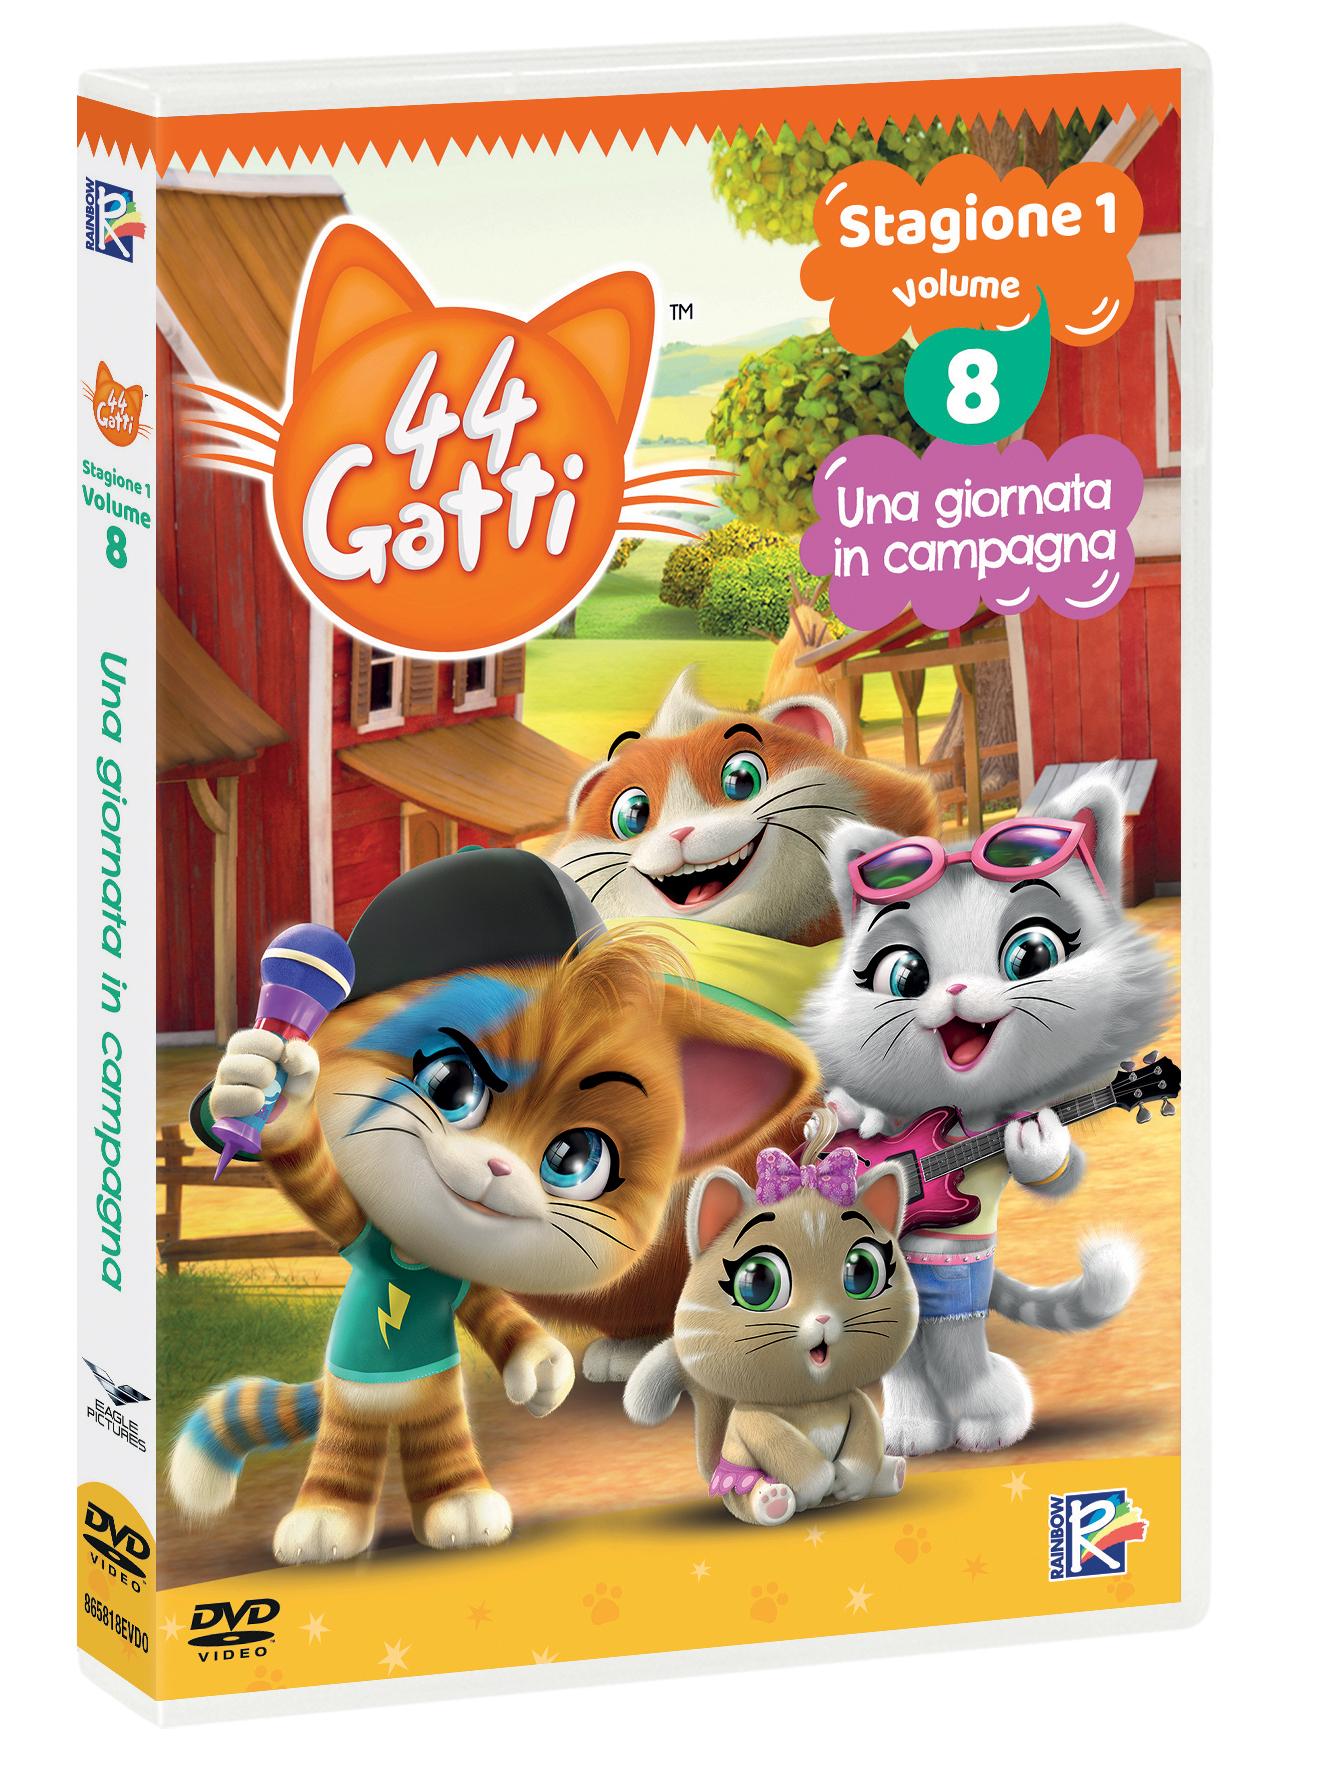 44 GATTI #08 - UNA GIORNATA IN CAMPAGNA (DVD)